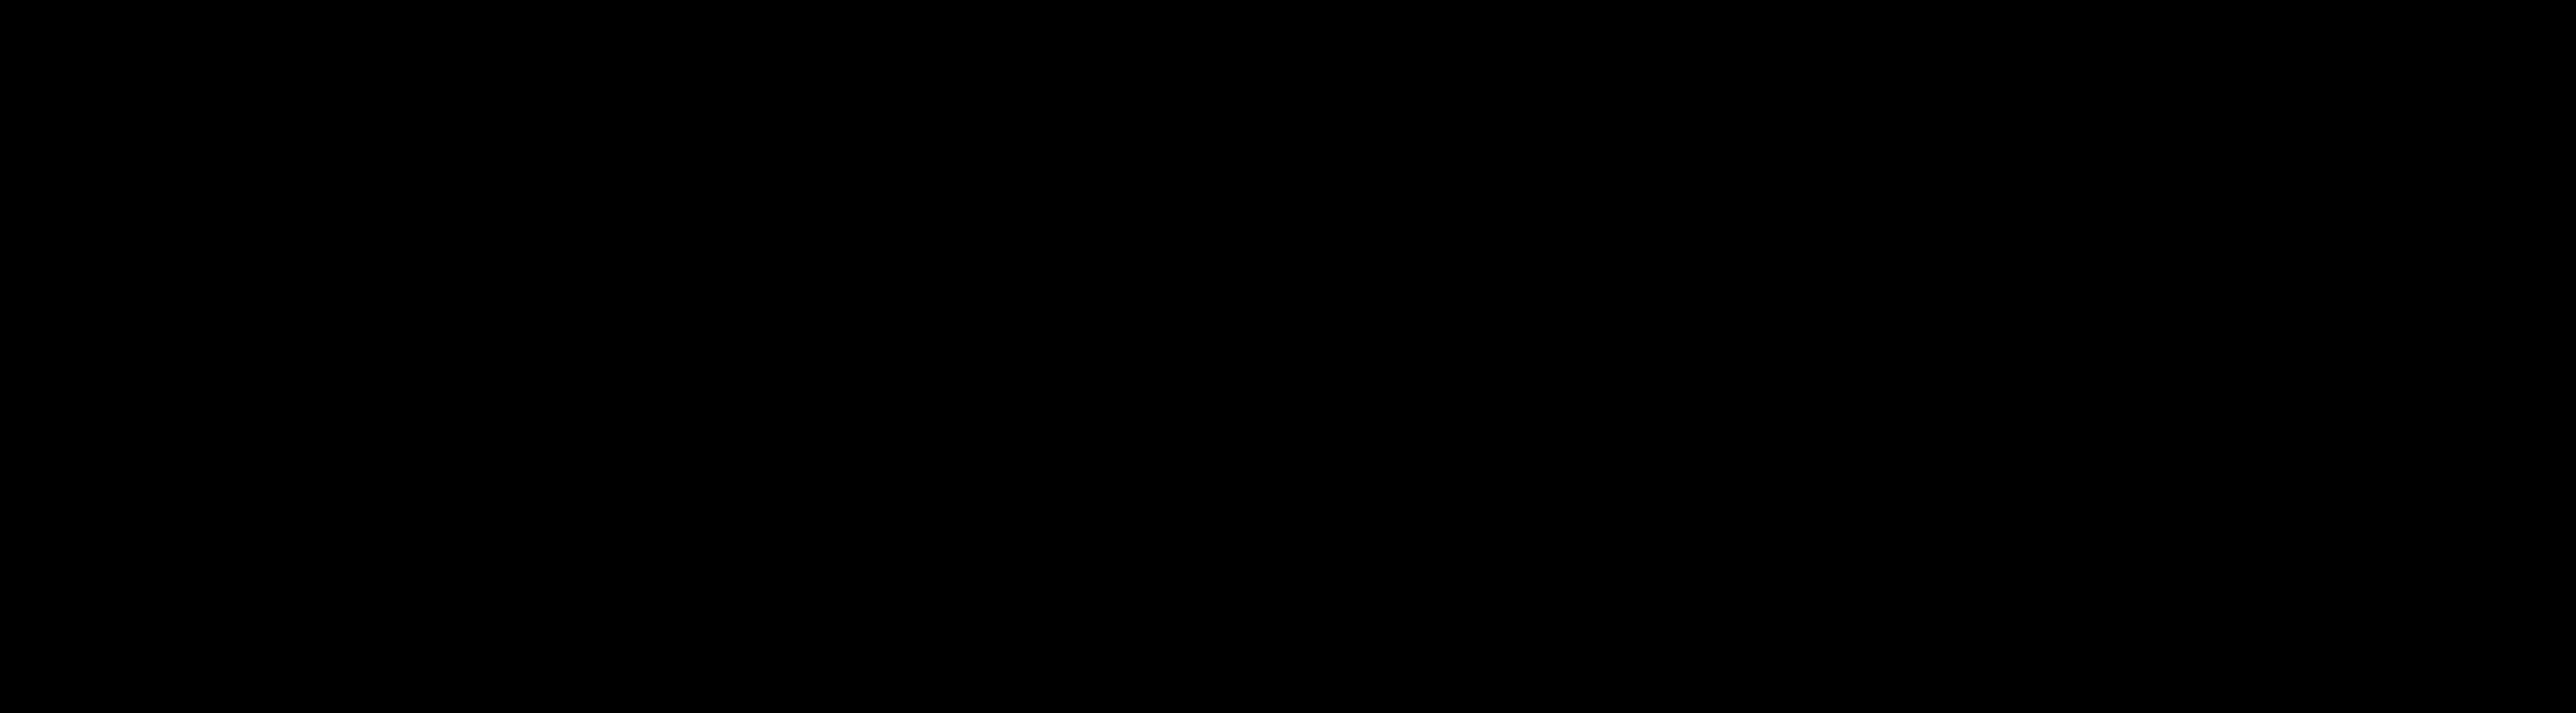 BINSURFEN